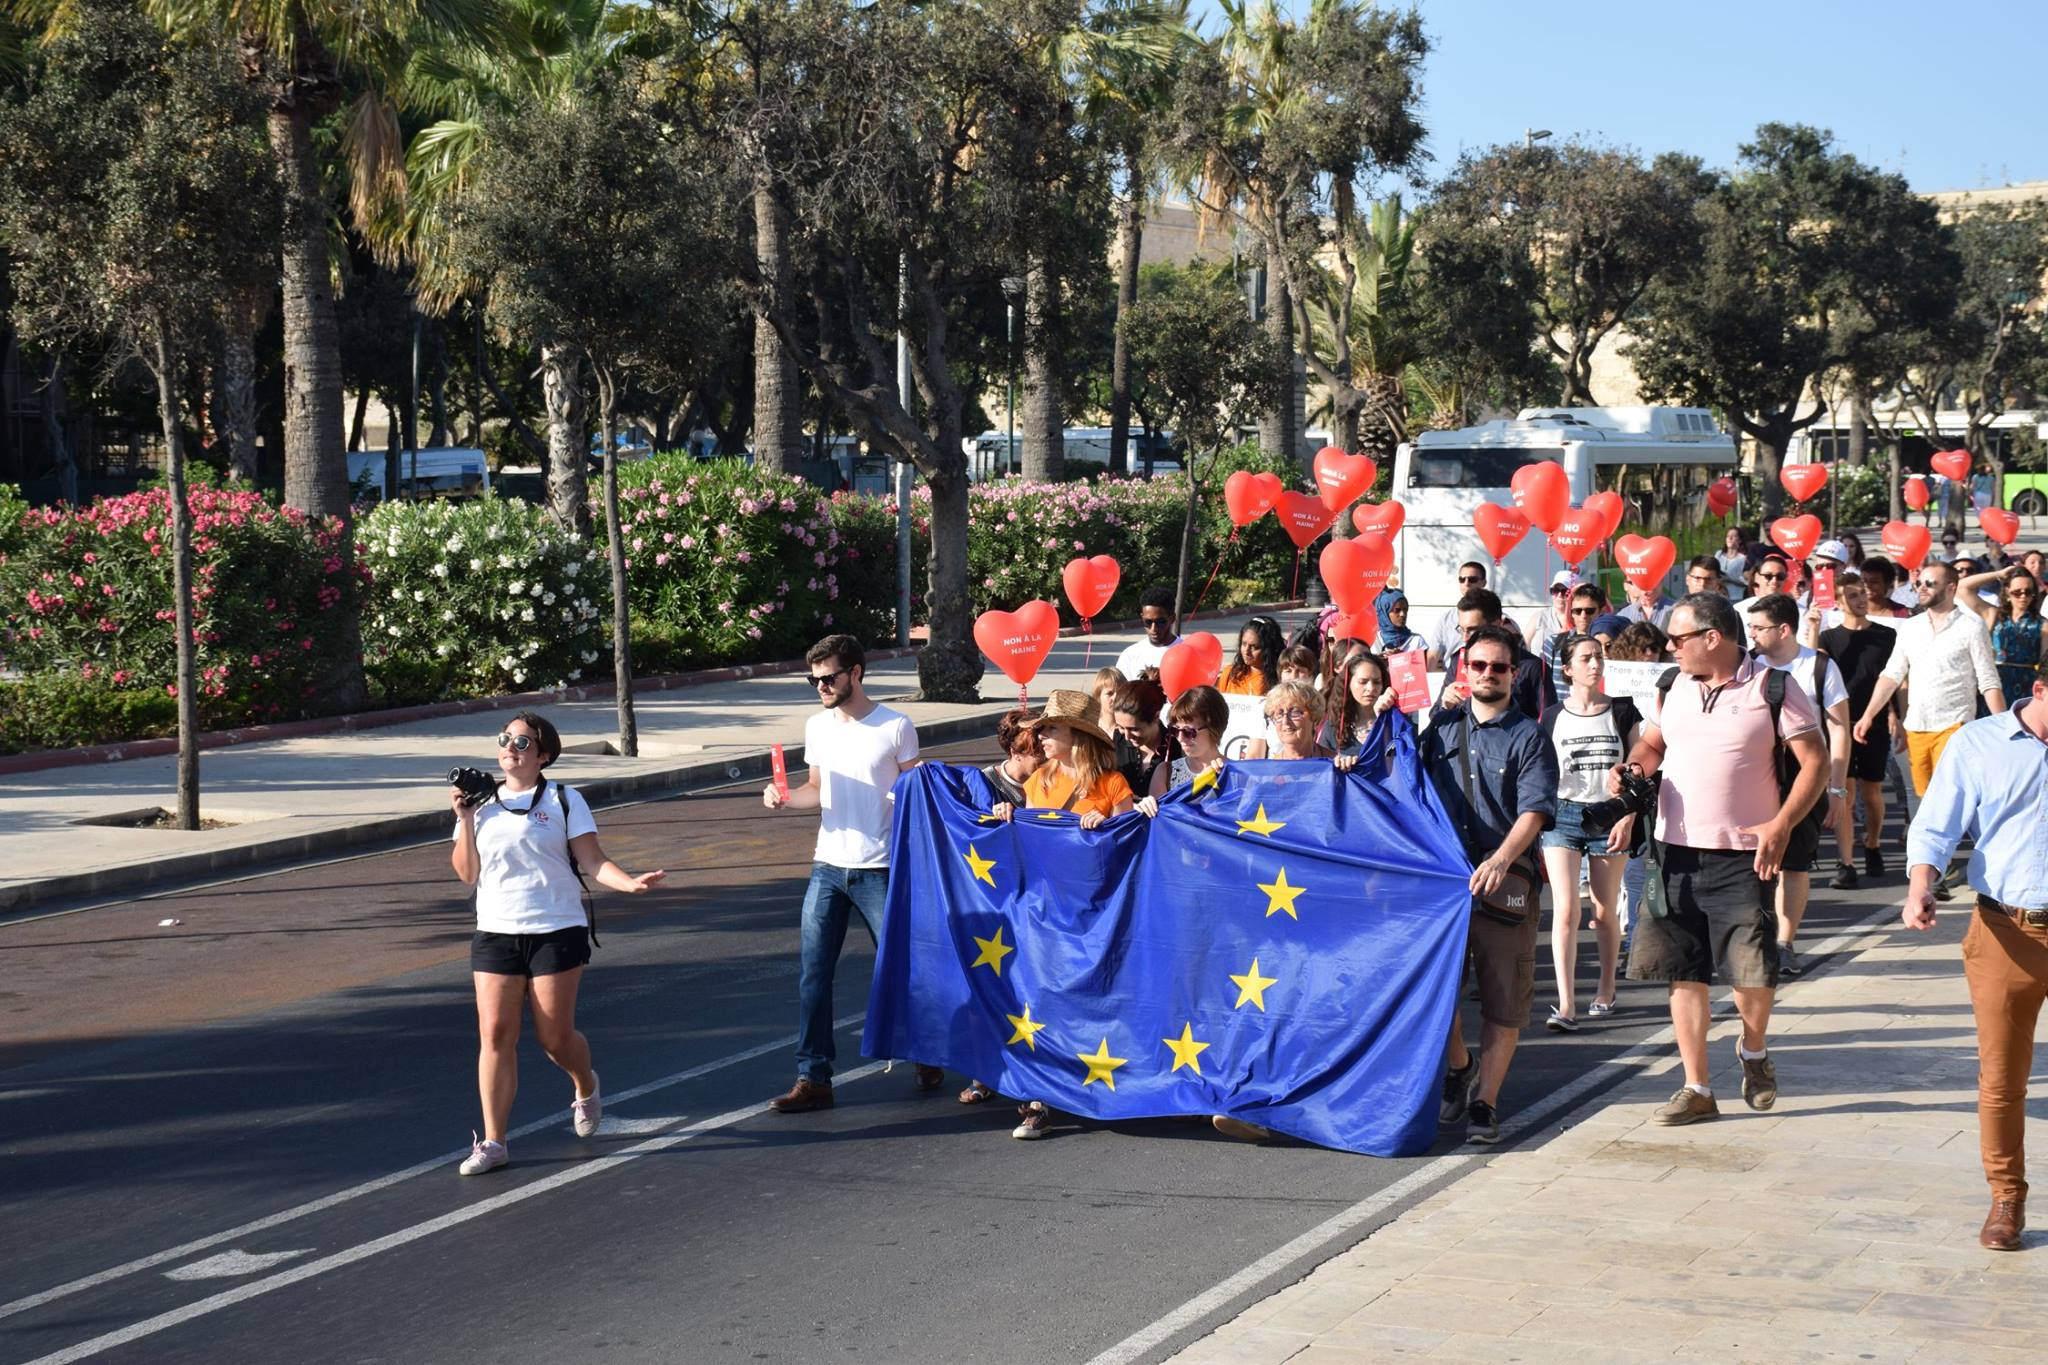 Manifestation des JEF Europe